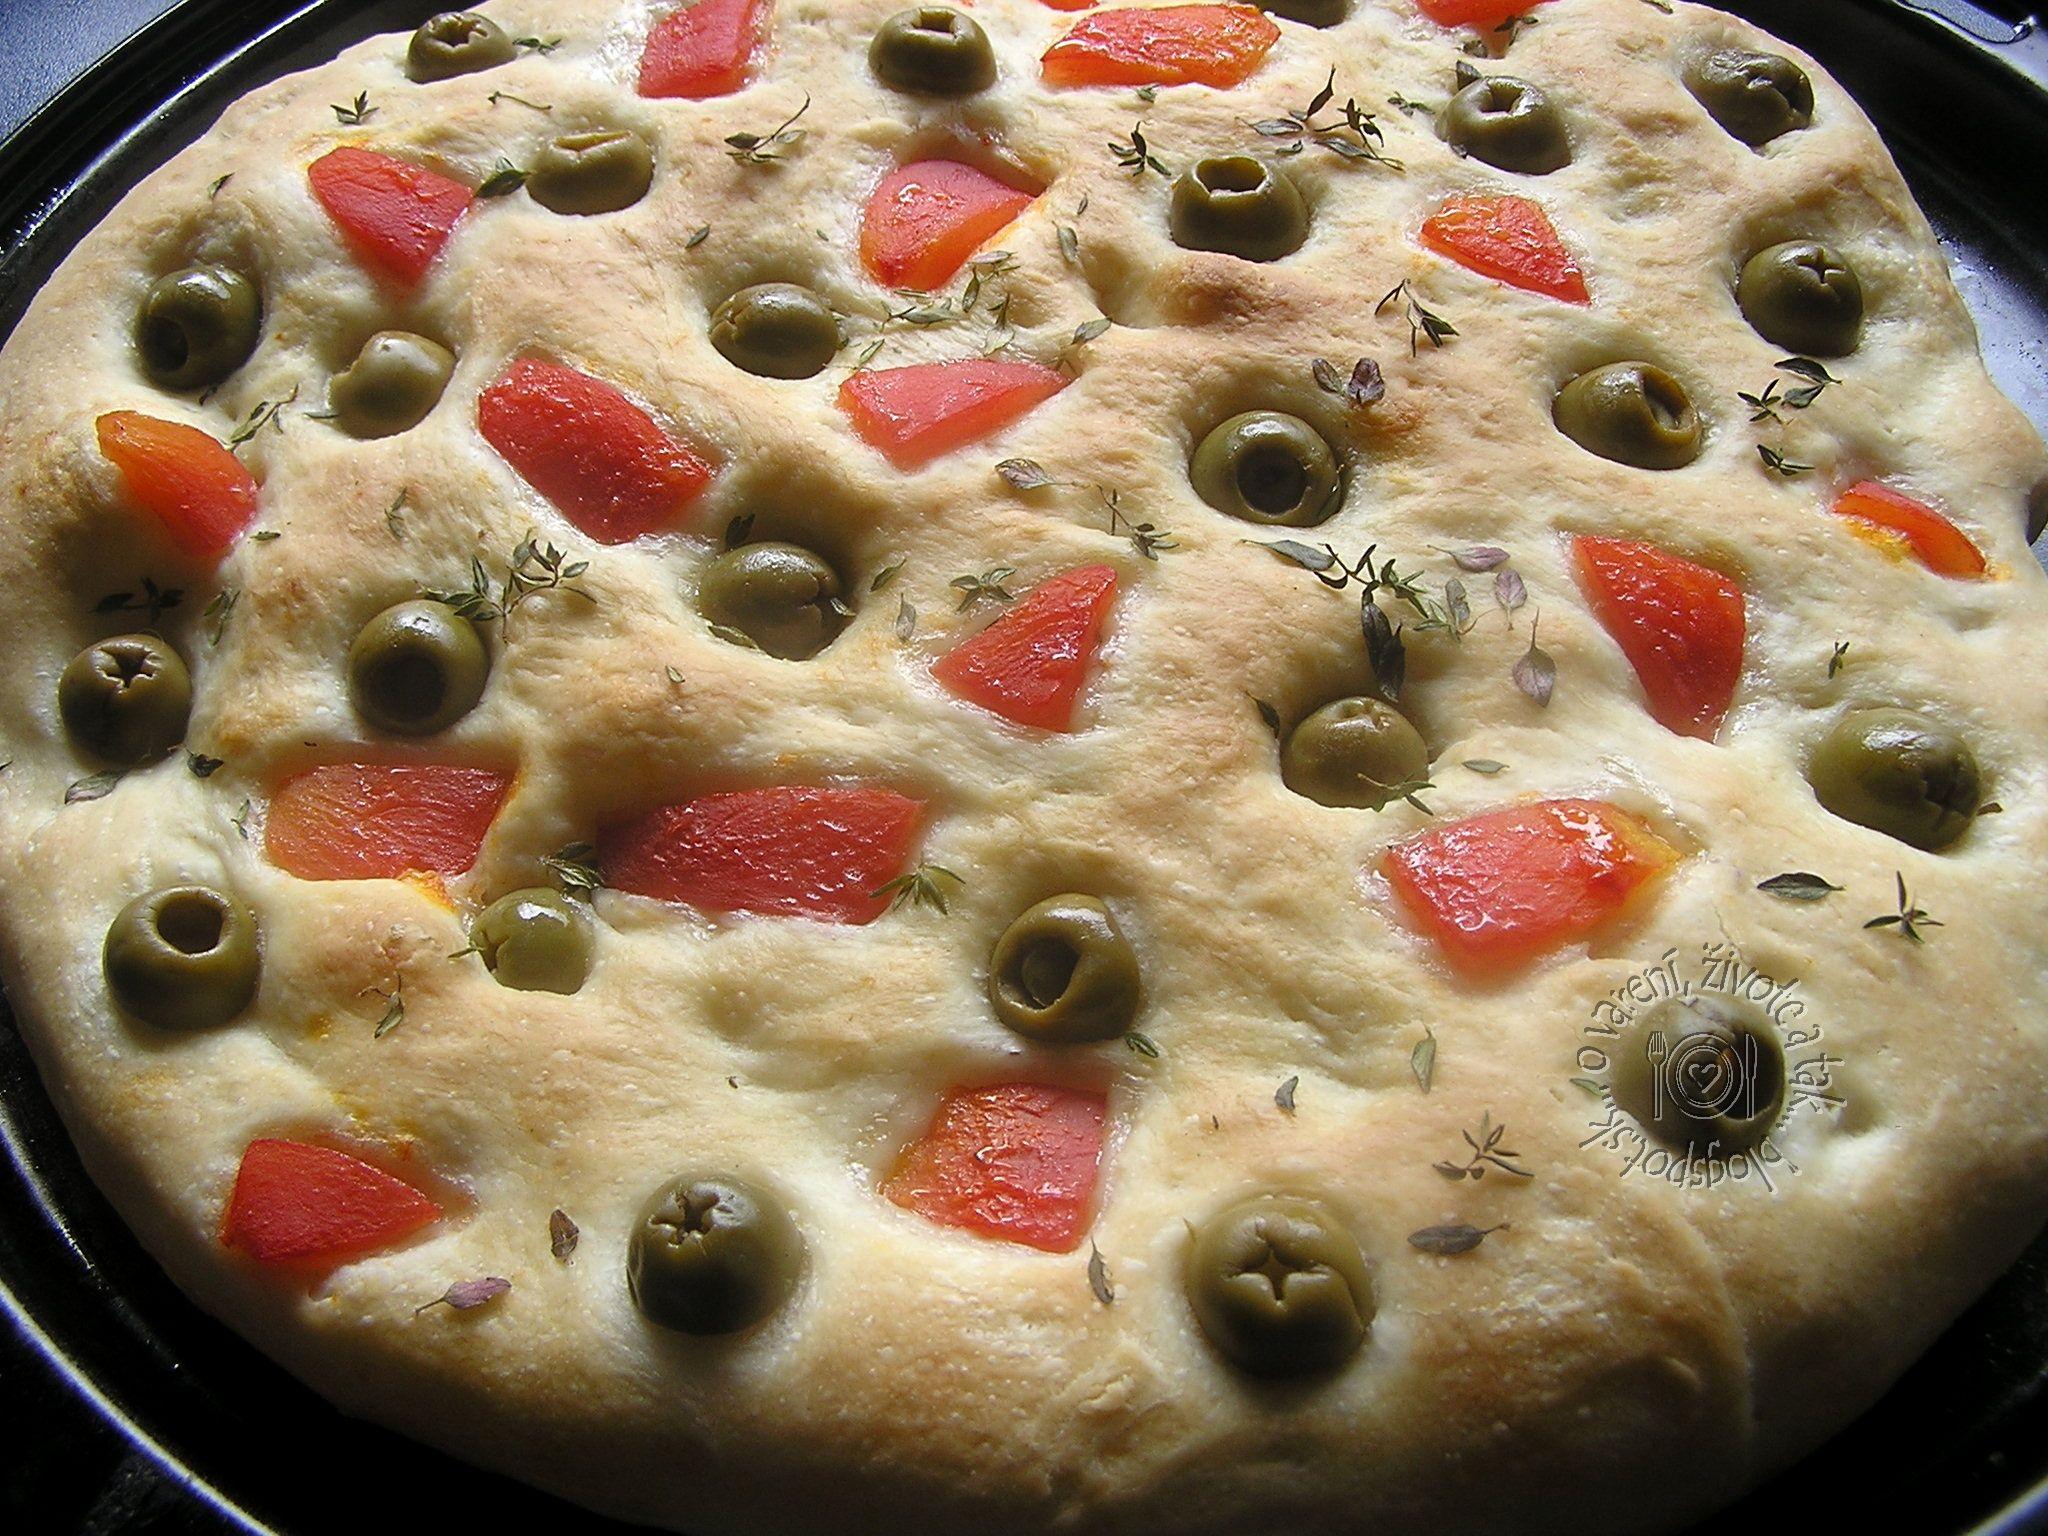 Focaccia (fokača) je chlebová placka. Pripomína naše chlebové osúchy, ktoré sa piekli zo zbytkov cesta a navrch sa dávala slaninka a cesnak. Aj focaccia sa robí buď jednoduchá - potretá len olivovým olejom, posypaná bylinkami, alebo z jednoduchou oblohou napr. olivy, paradajky, syr...